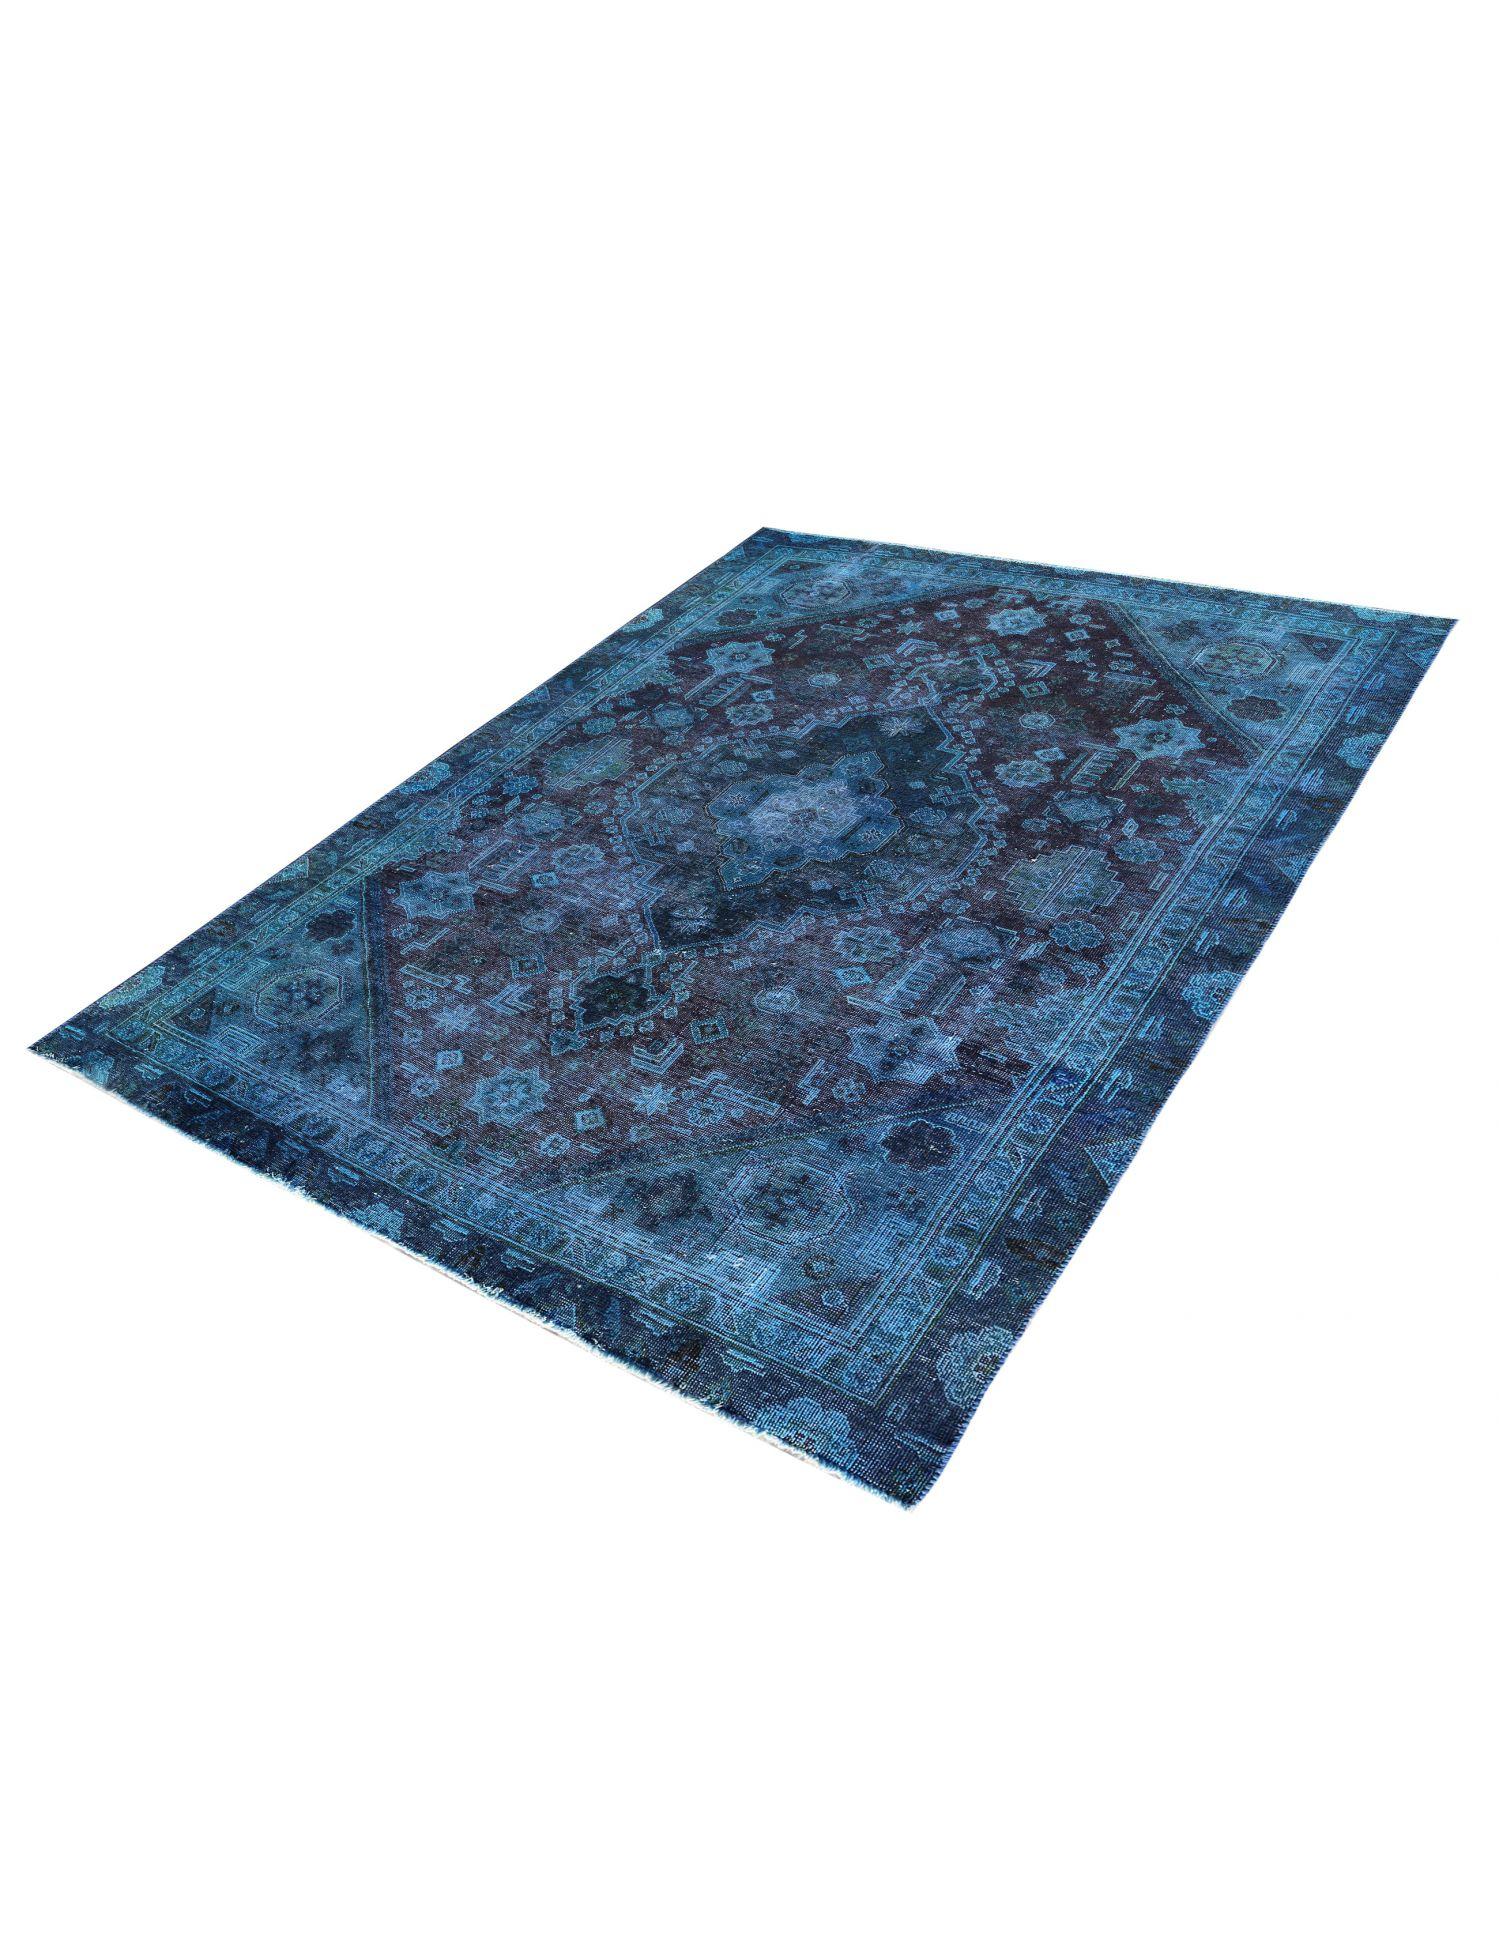 Vintage Teppich  blau <br/>261 x 175 cm